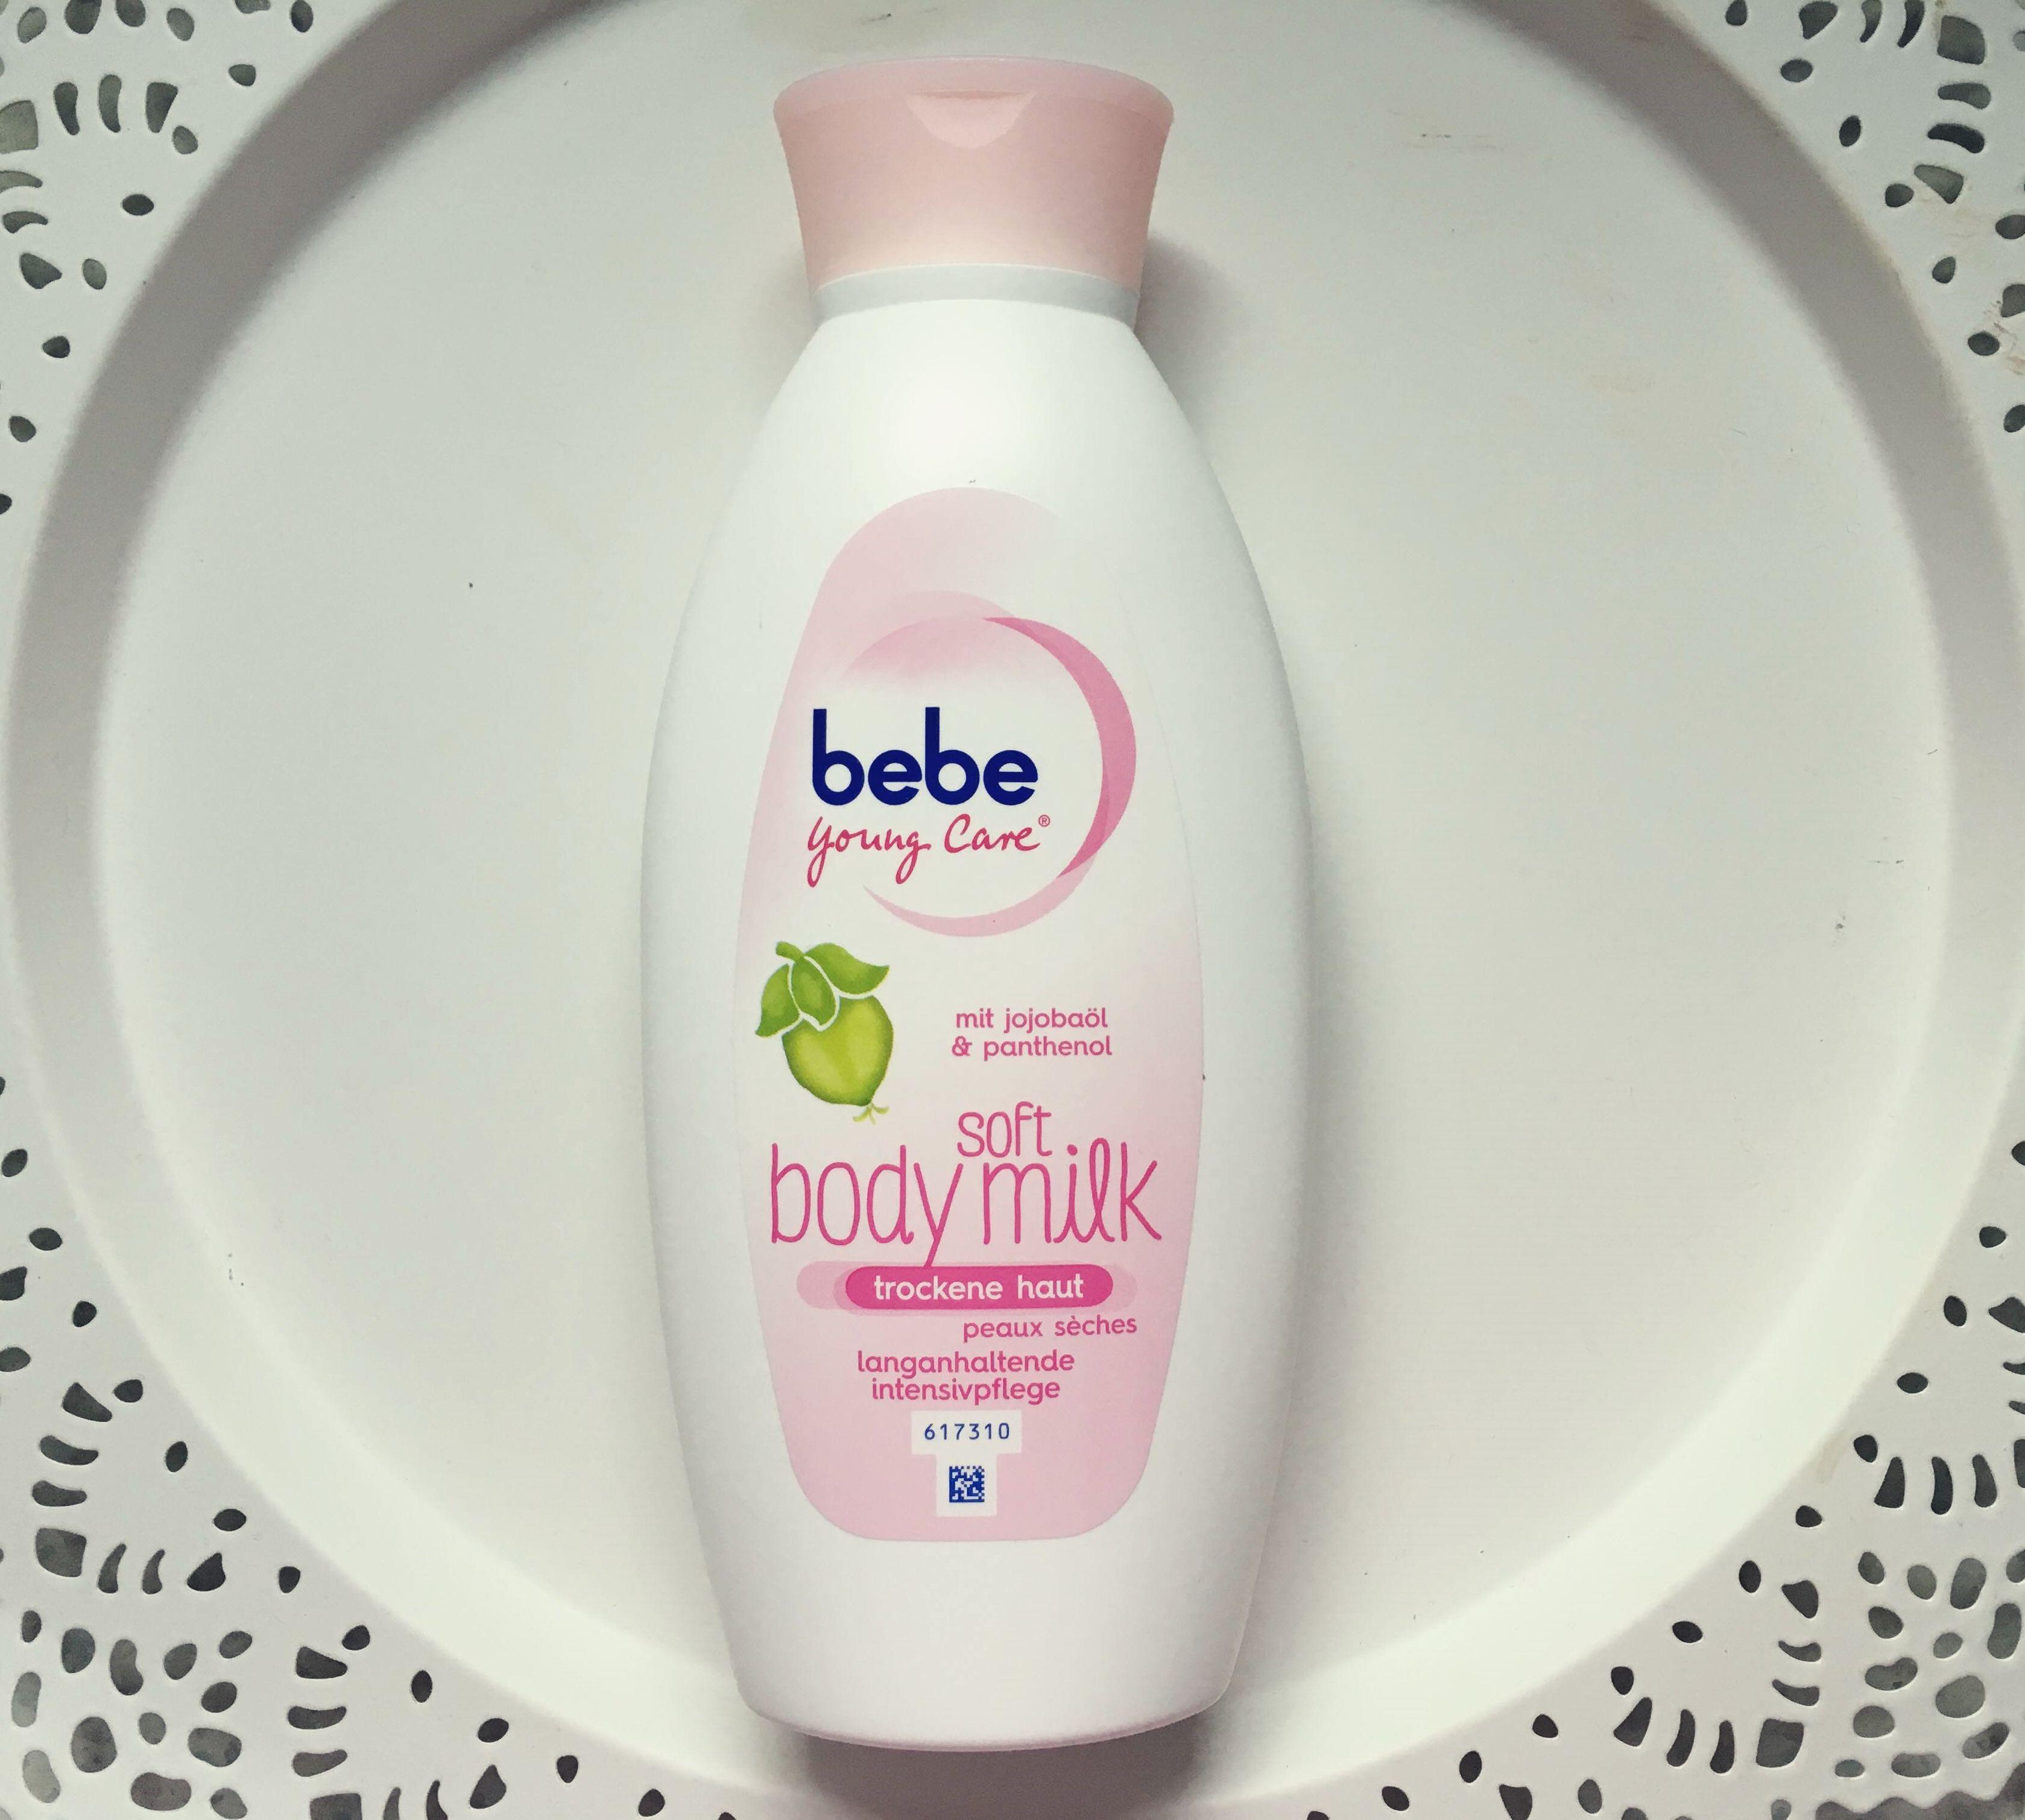 [Review] Soft Body Milk für trockene Haut von bebe young